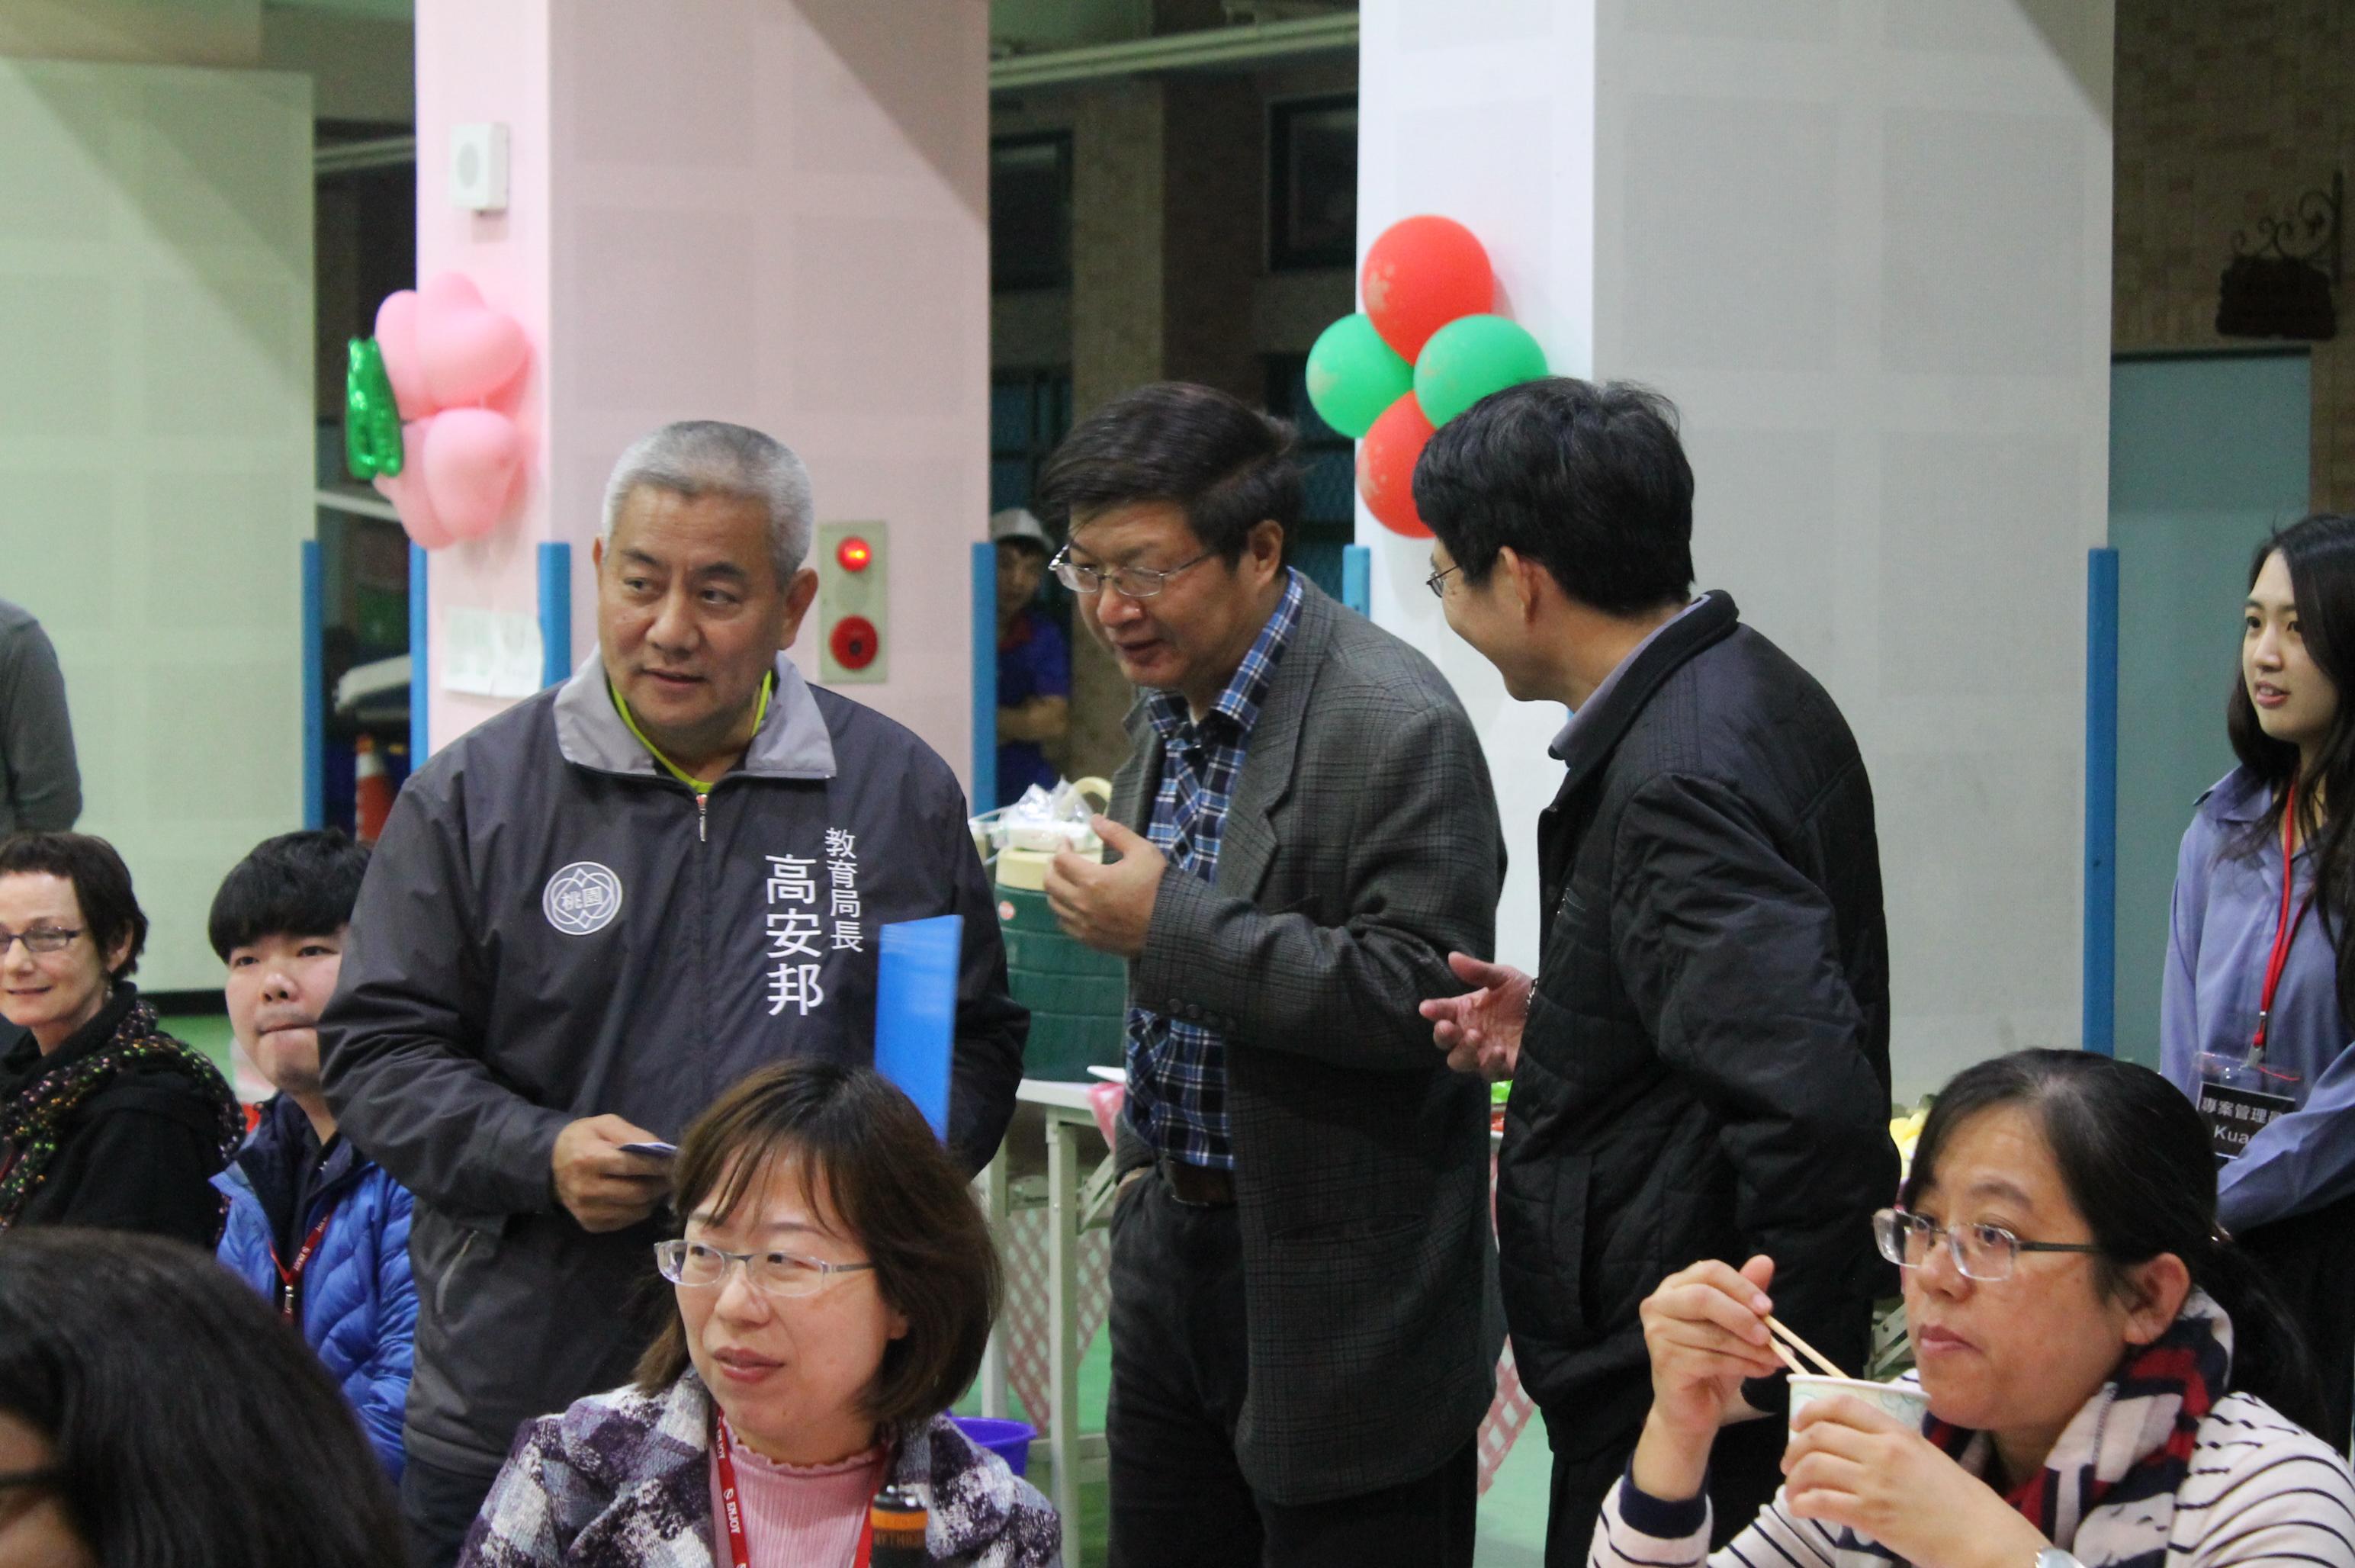 1071218 外師師訓與餐敘 - 局長 2.JPG